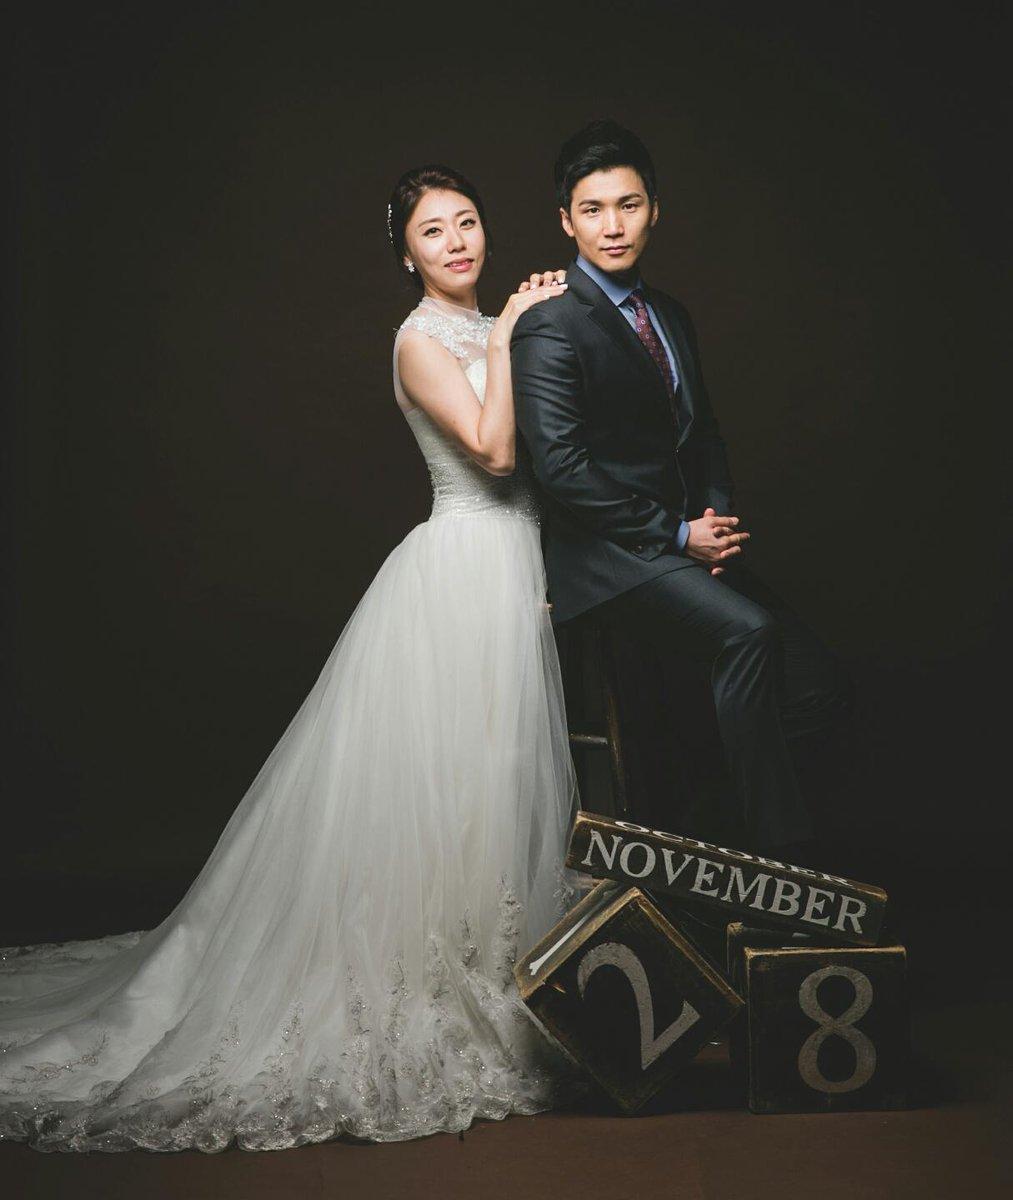 처음으로 글을 씁니다. 평생 제 짝을 찾았습니다. 그래서 11월 28일 결혼합니다. 지인분들 찾아뵙고 인사드리겠습니다. http://t.co/sGh8iFENsp